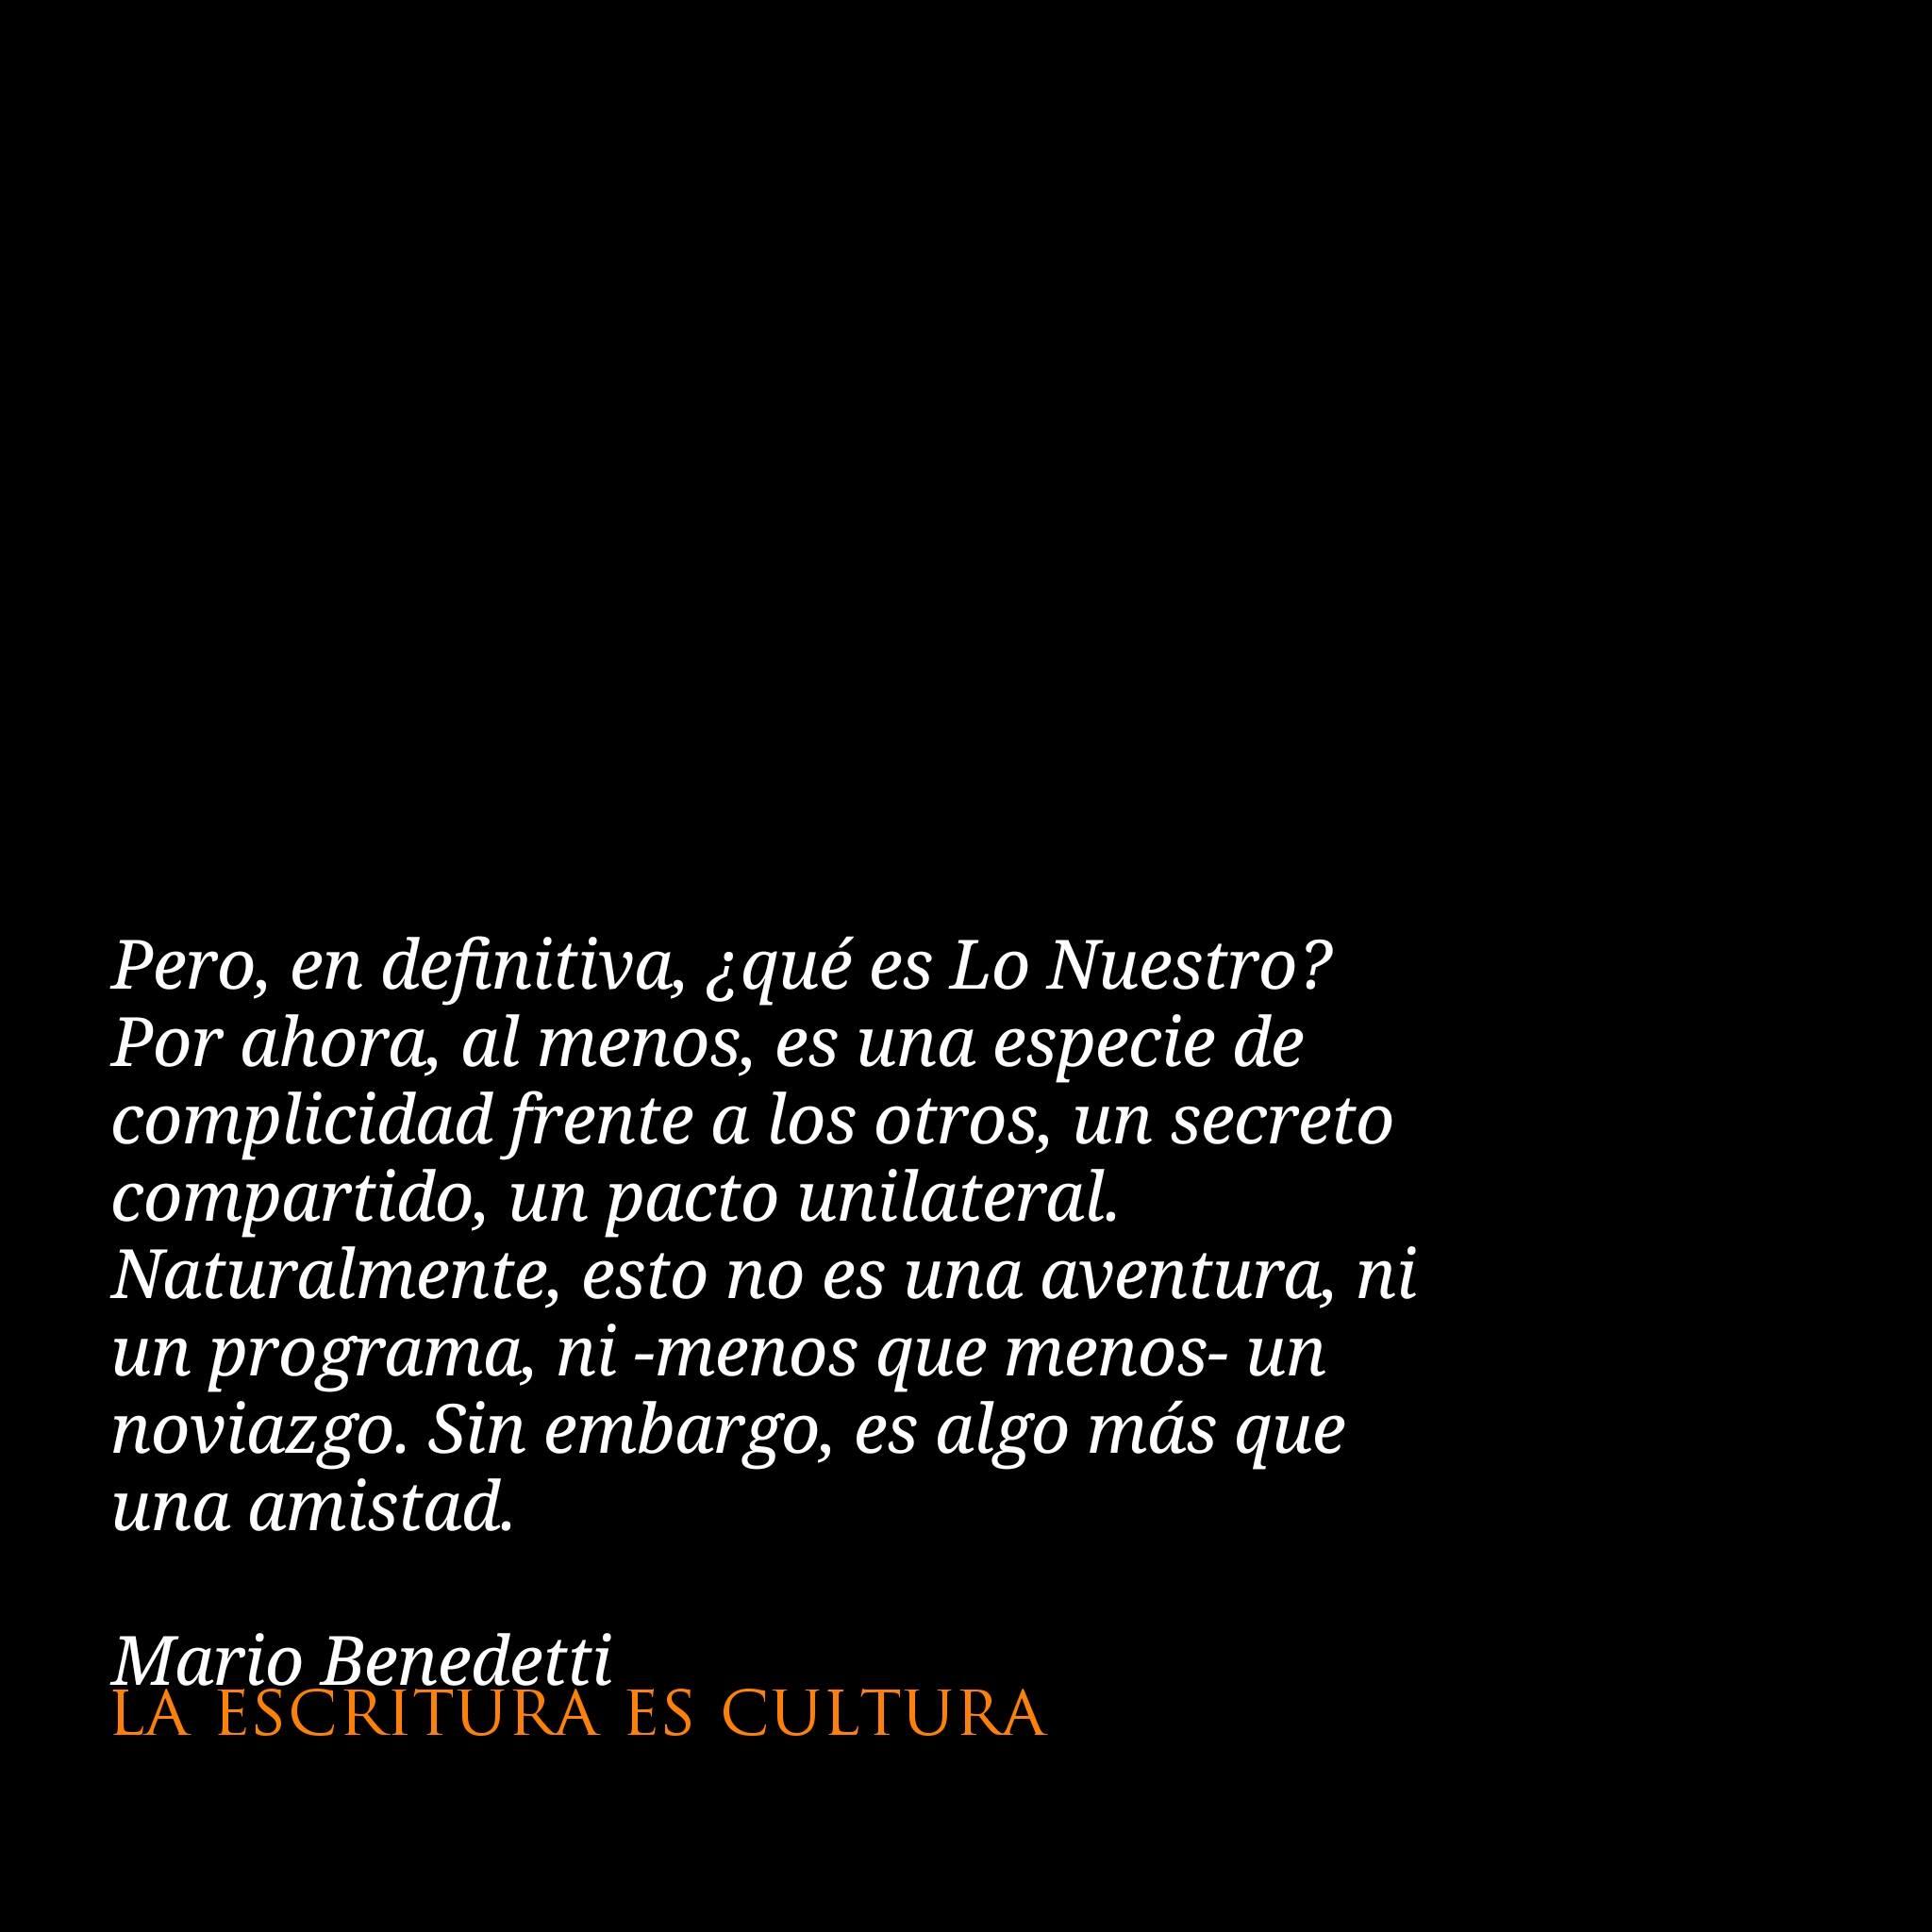 Mario Benedetti Pero En Definitiva Que Es Lo Nuestro Por Ahora Al Menos Es Una Especie De Complicidad Frente A Los Otros Un Secreto Compartido Un Pacto Unilateral Naturalmente Esto No